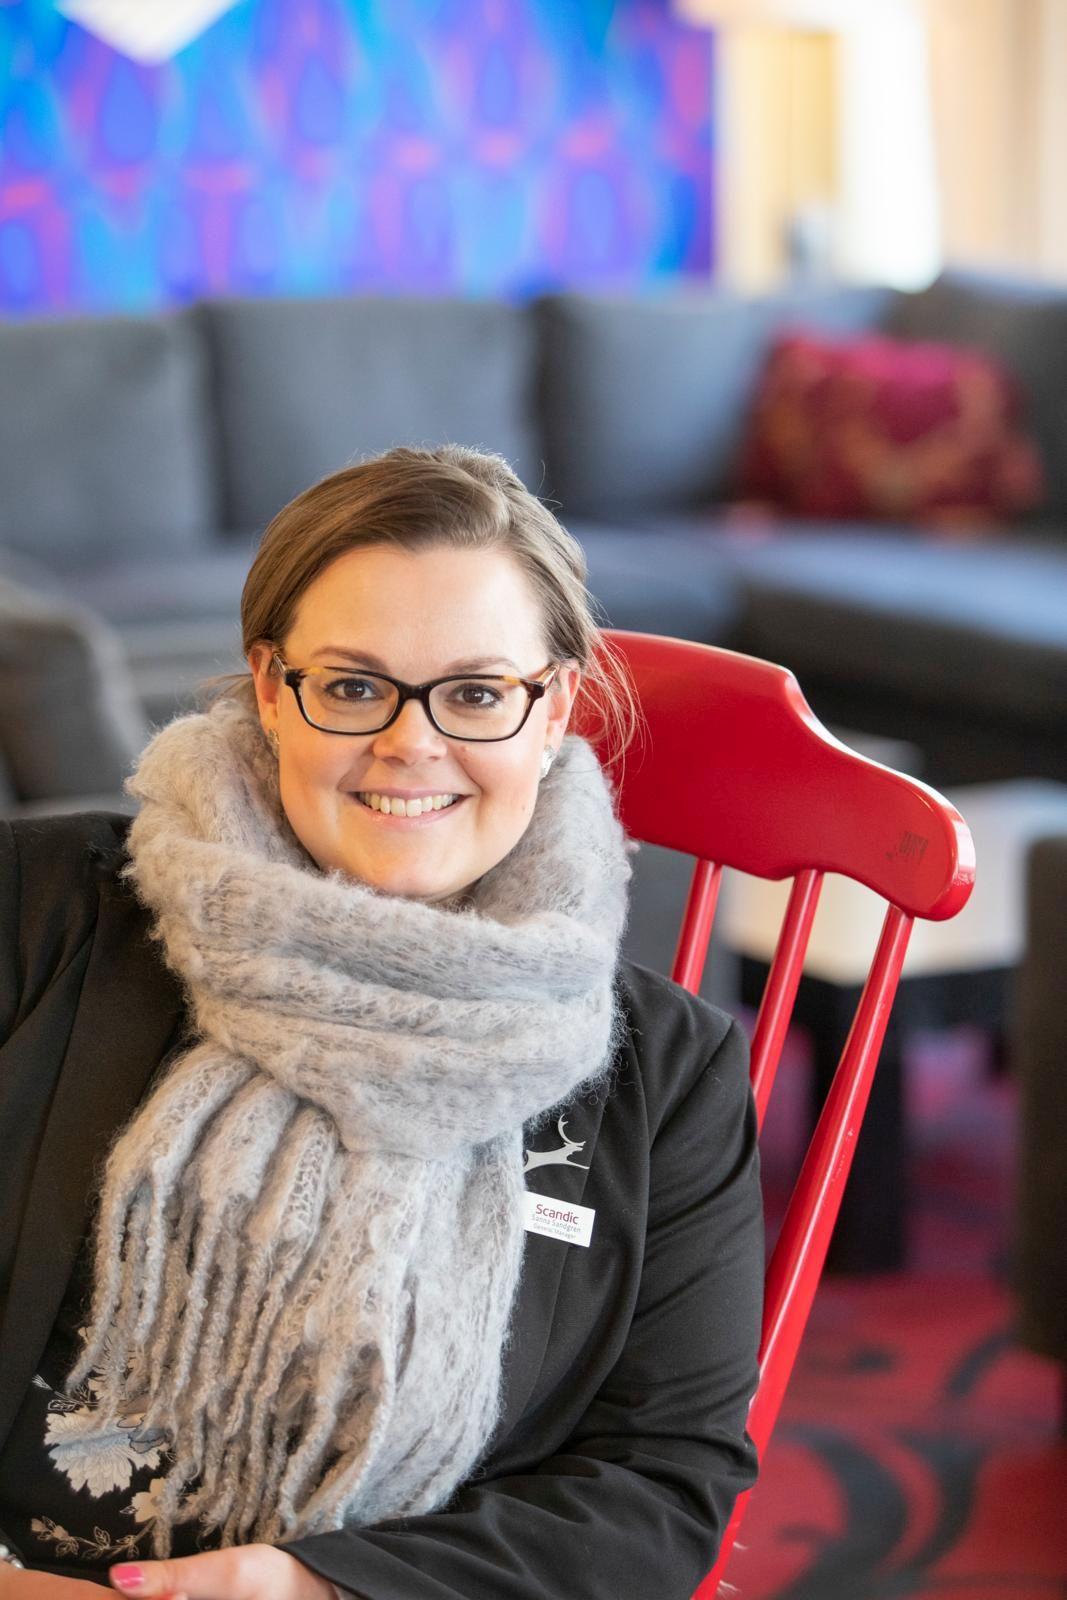 Hotellinjohtaja Sanna Sandgren kertoo, että Pohjanhovissa on ympärivuotisesti työssä parikymmentä henkilöä, huippusesonkina viitisenkymmentä. Lisänä ovat SOL Palveluiden kerroshoitajat. Kuva: Kaisa Sirén